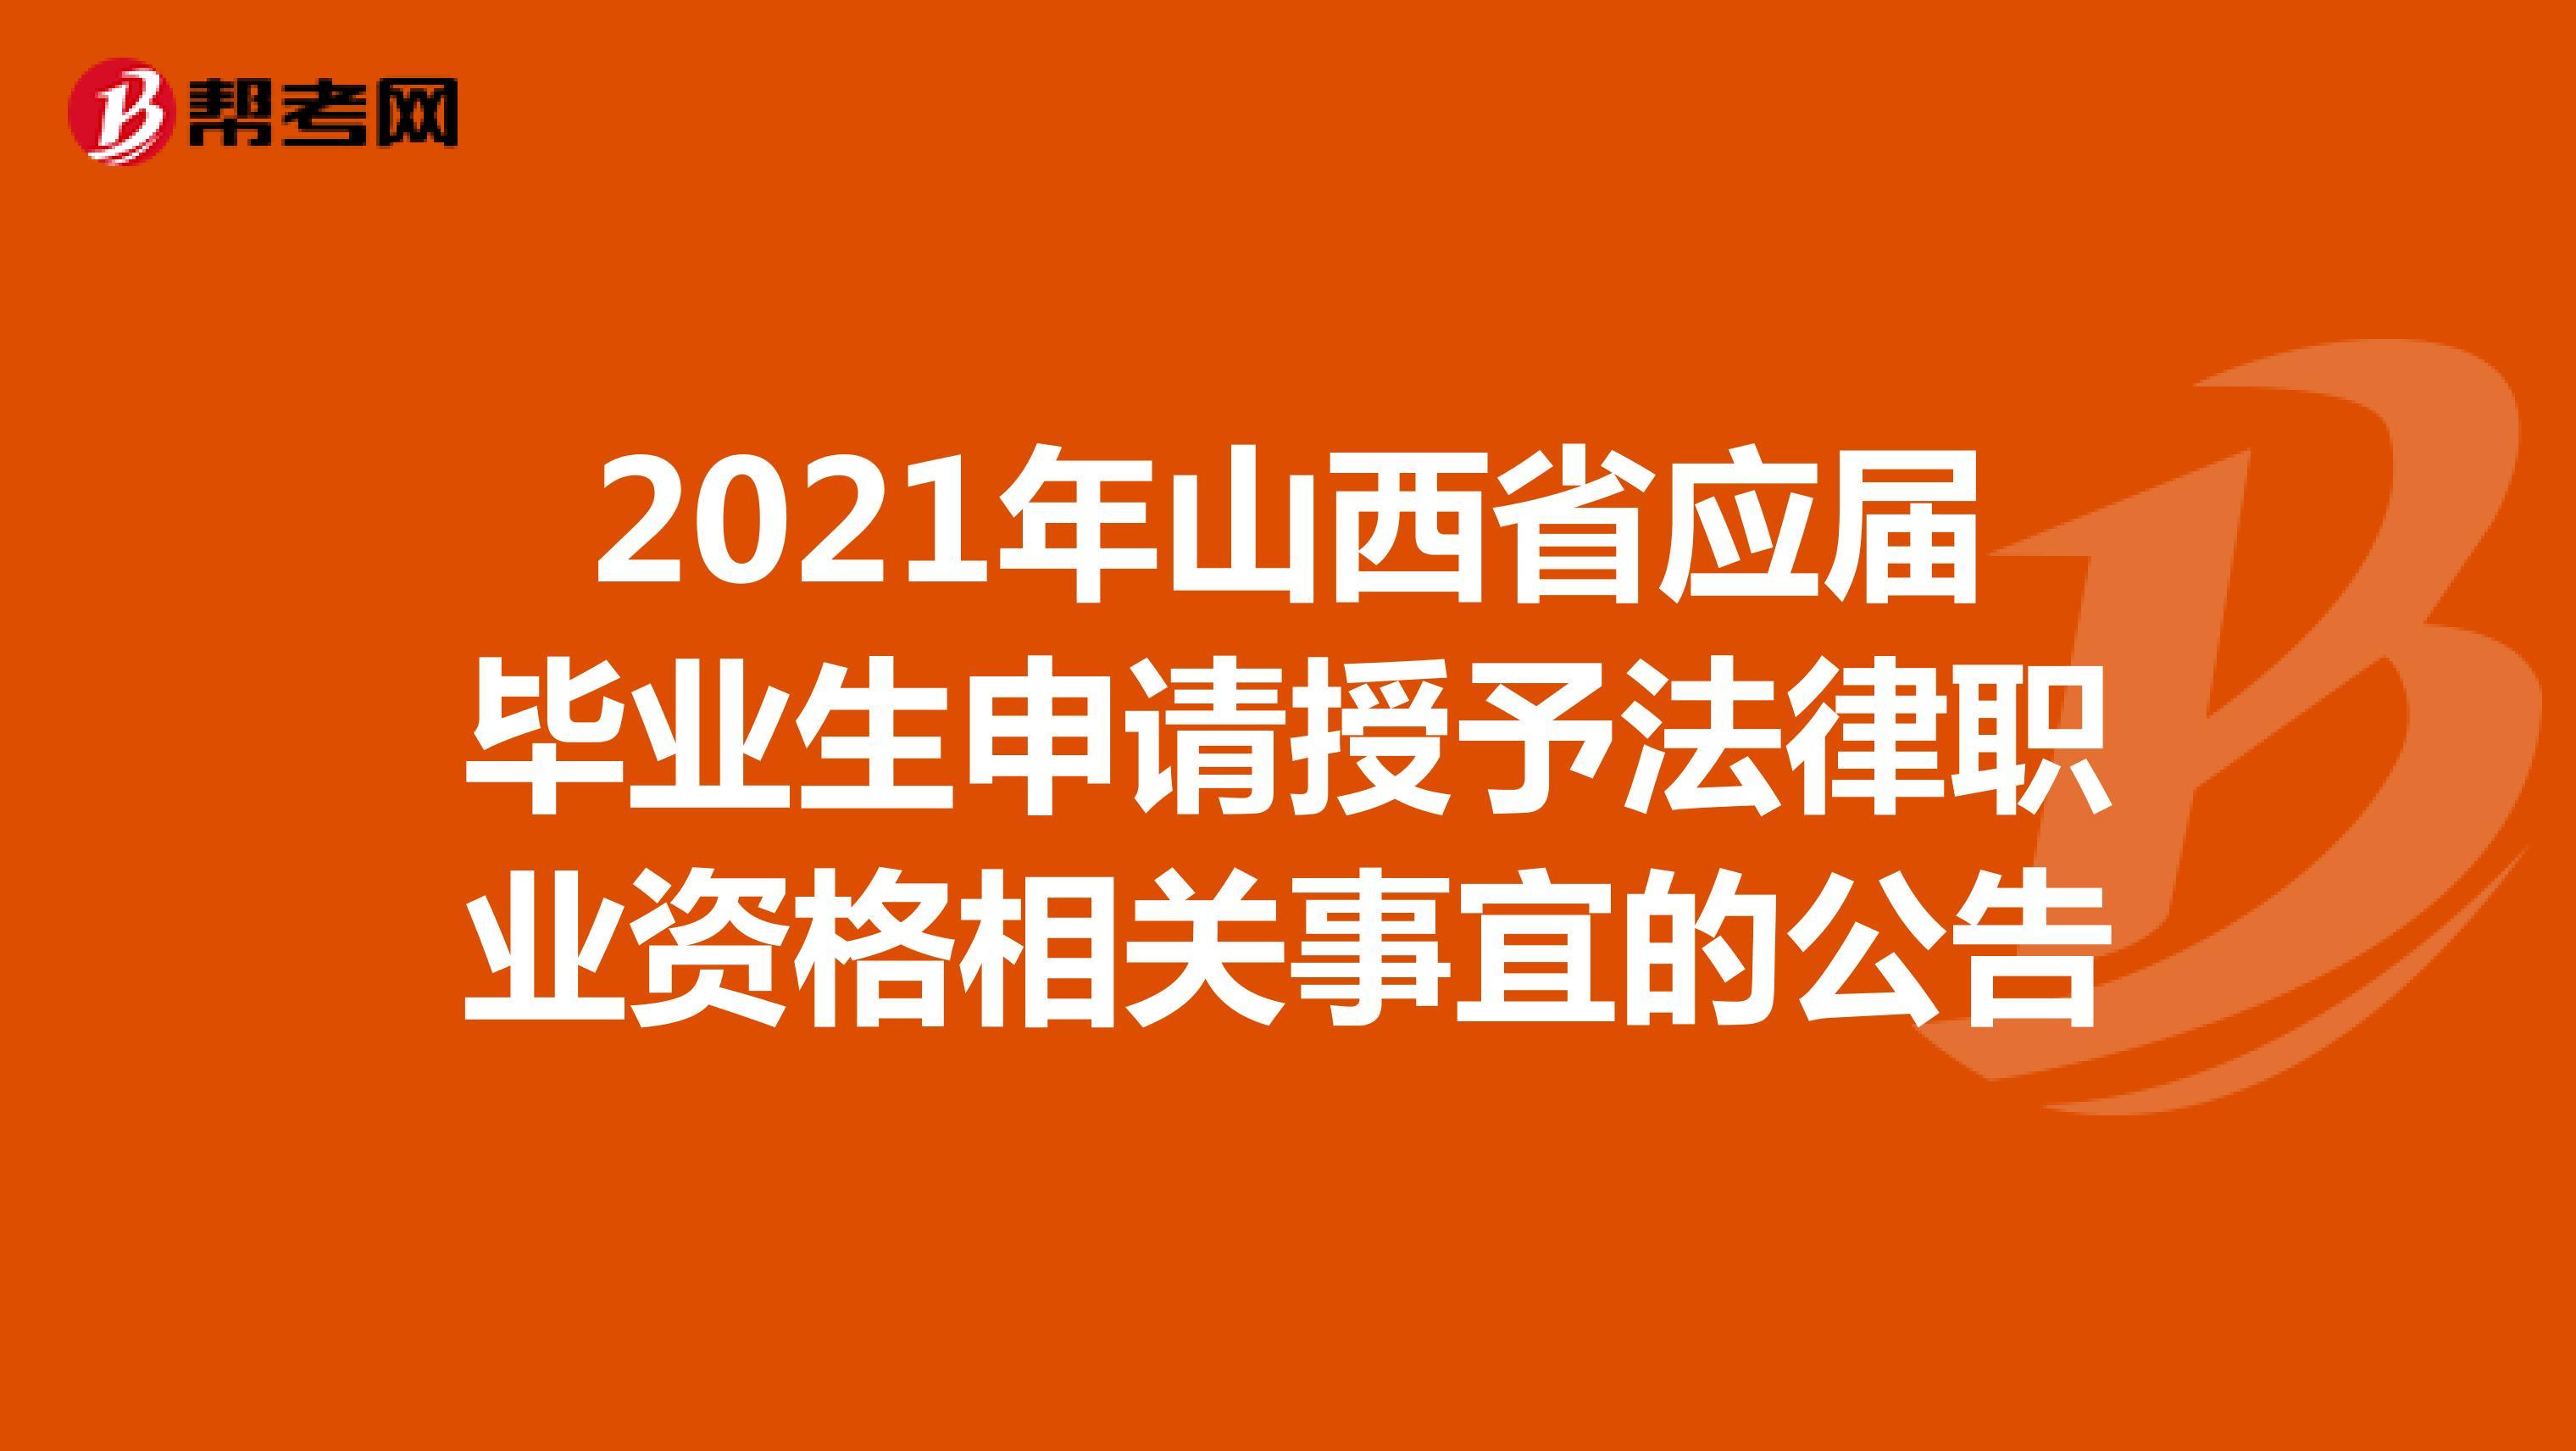 2021年山西省应届毕业生申请授予法律职业资格相关事宜的公告